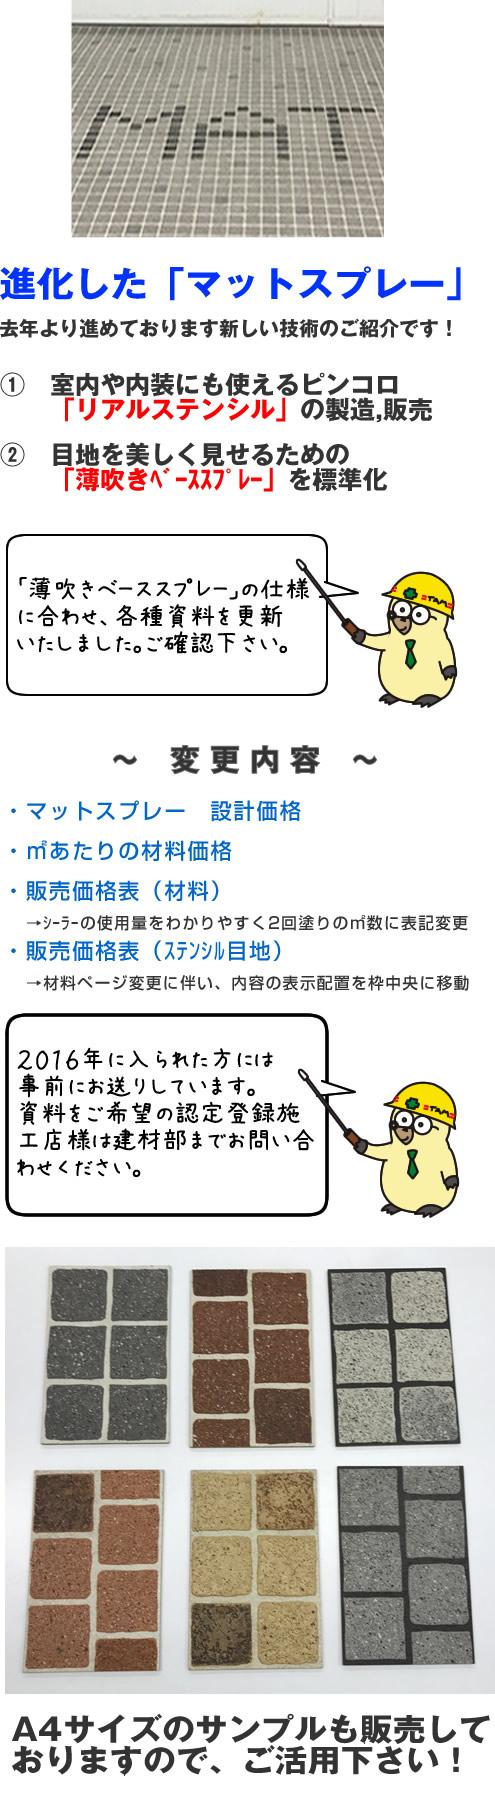 MAIN4_20170114184002a7d.jpg